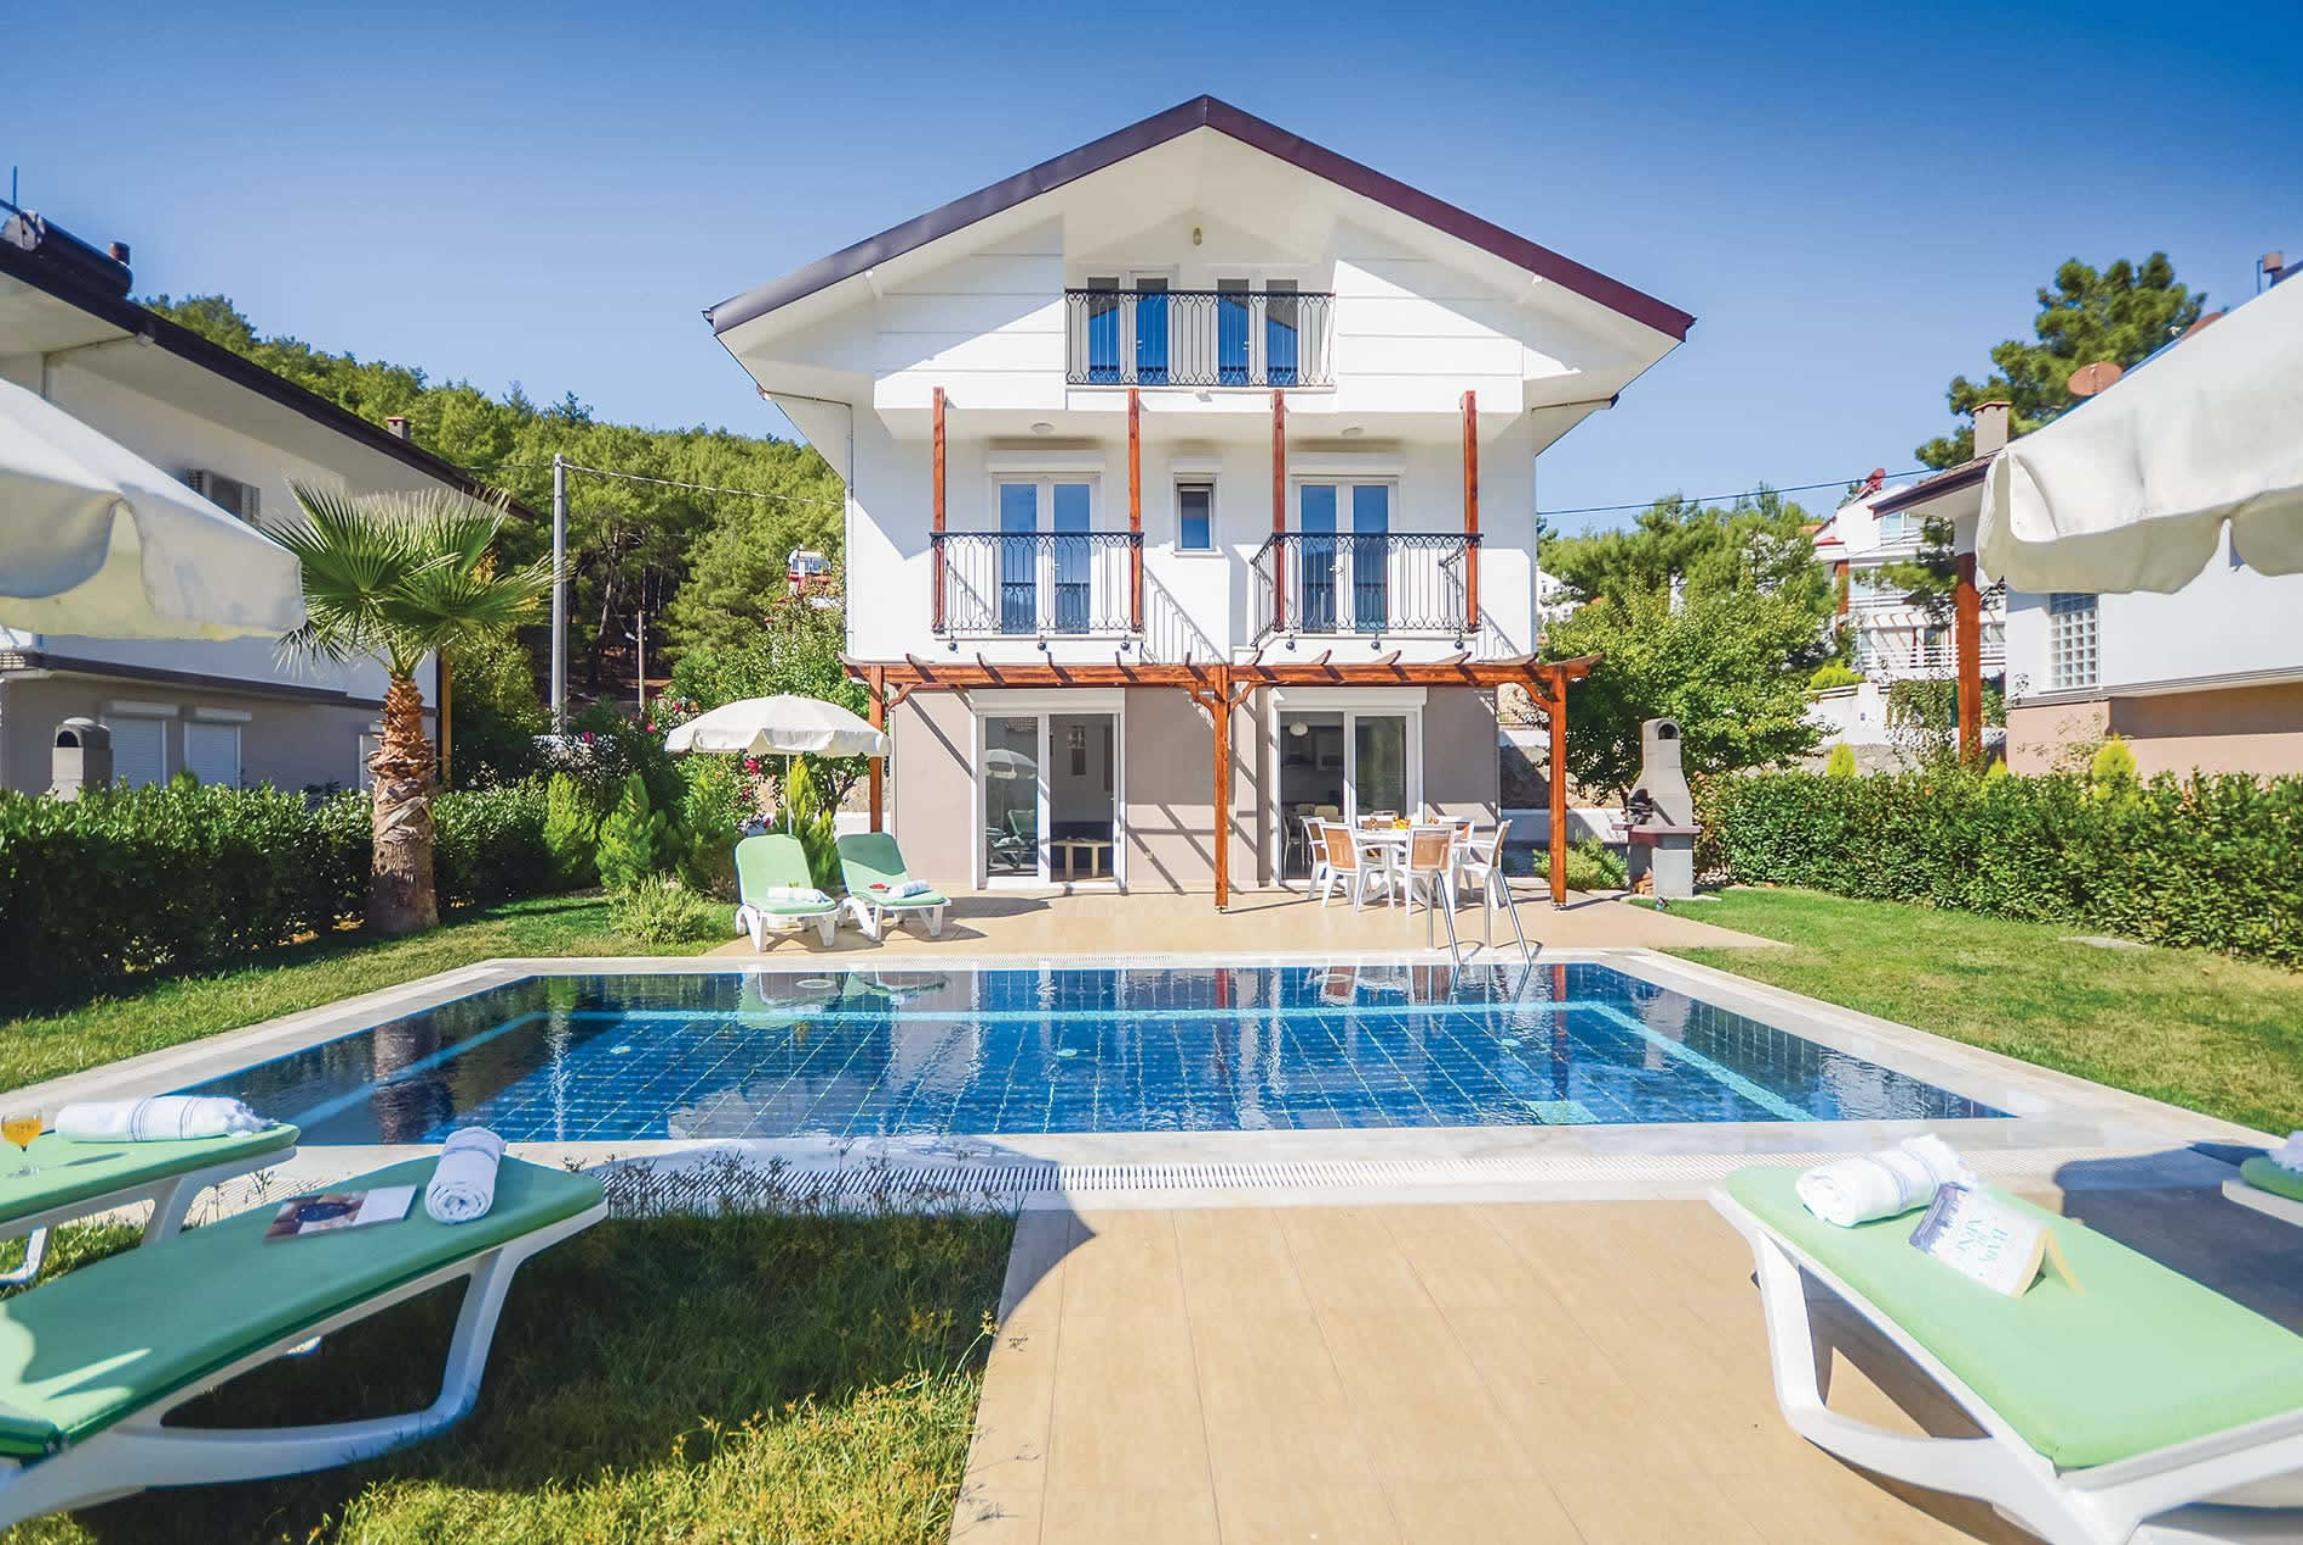 Maison de vacances Fidan (2649920), Ölüdeniz, , Région Egéenne, Turquie, image 7